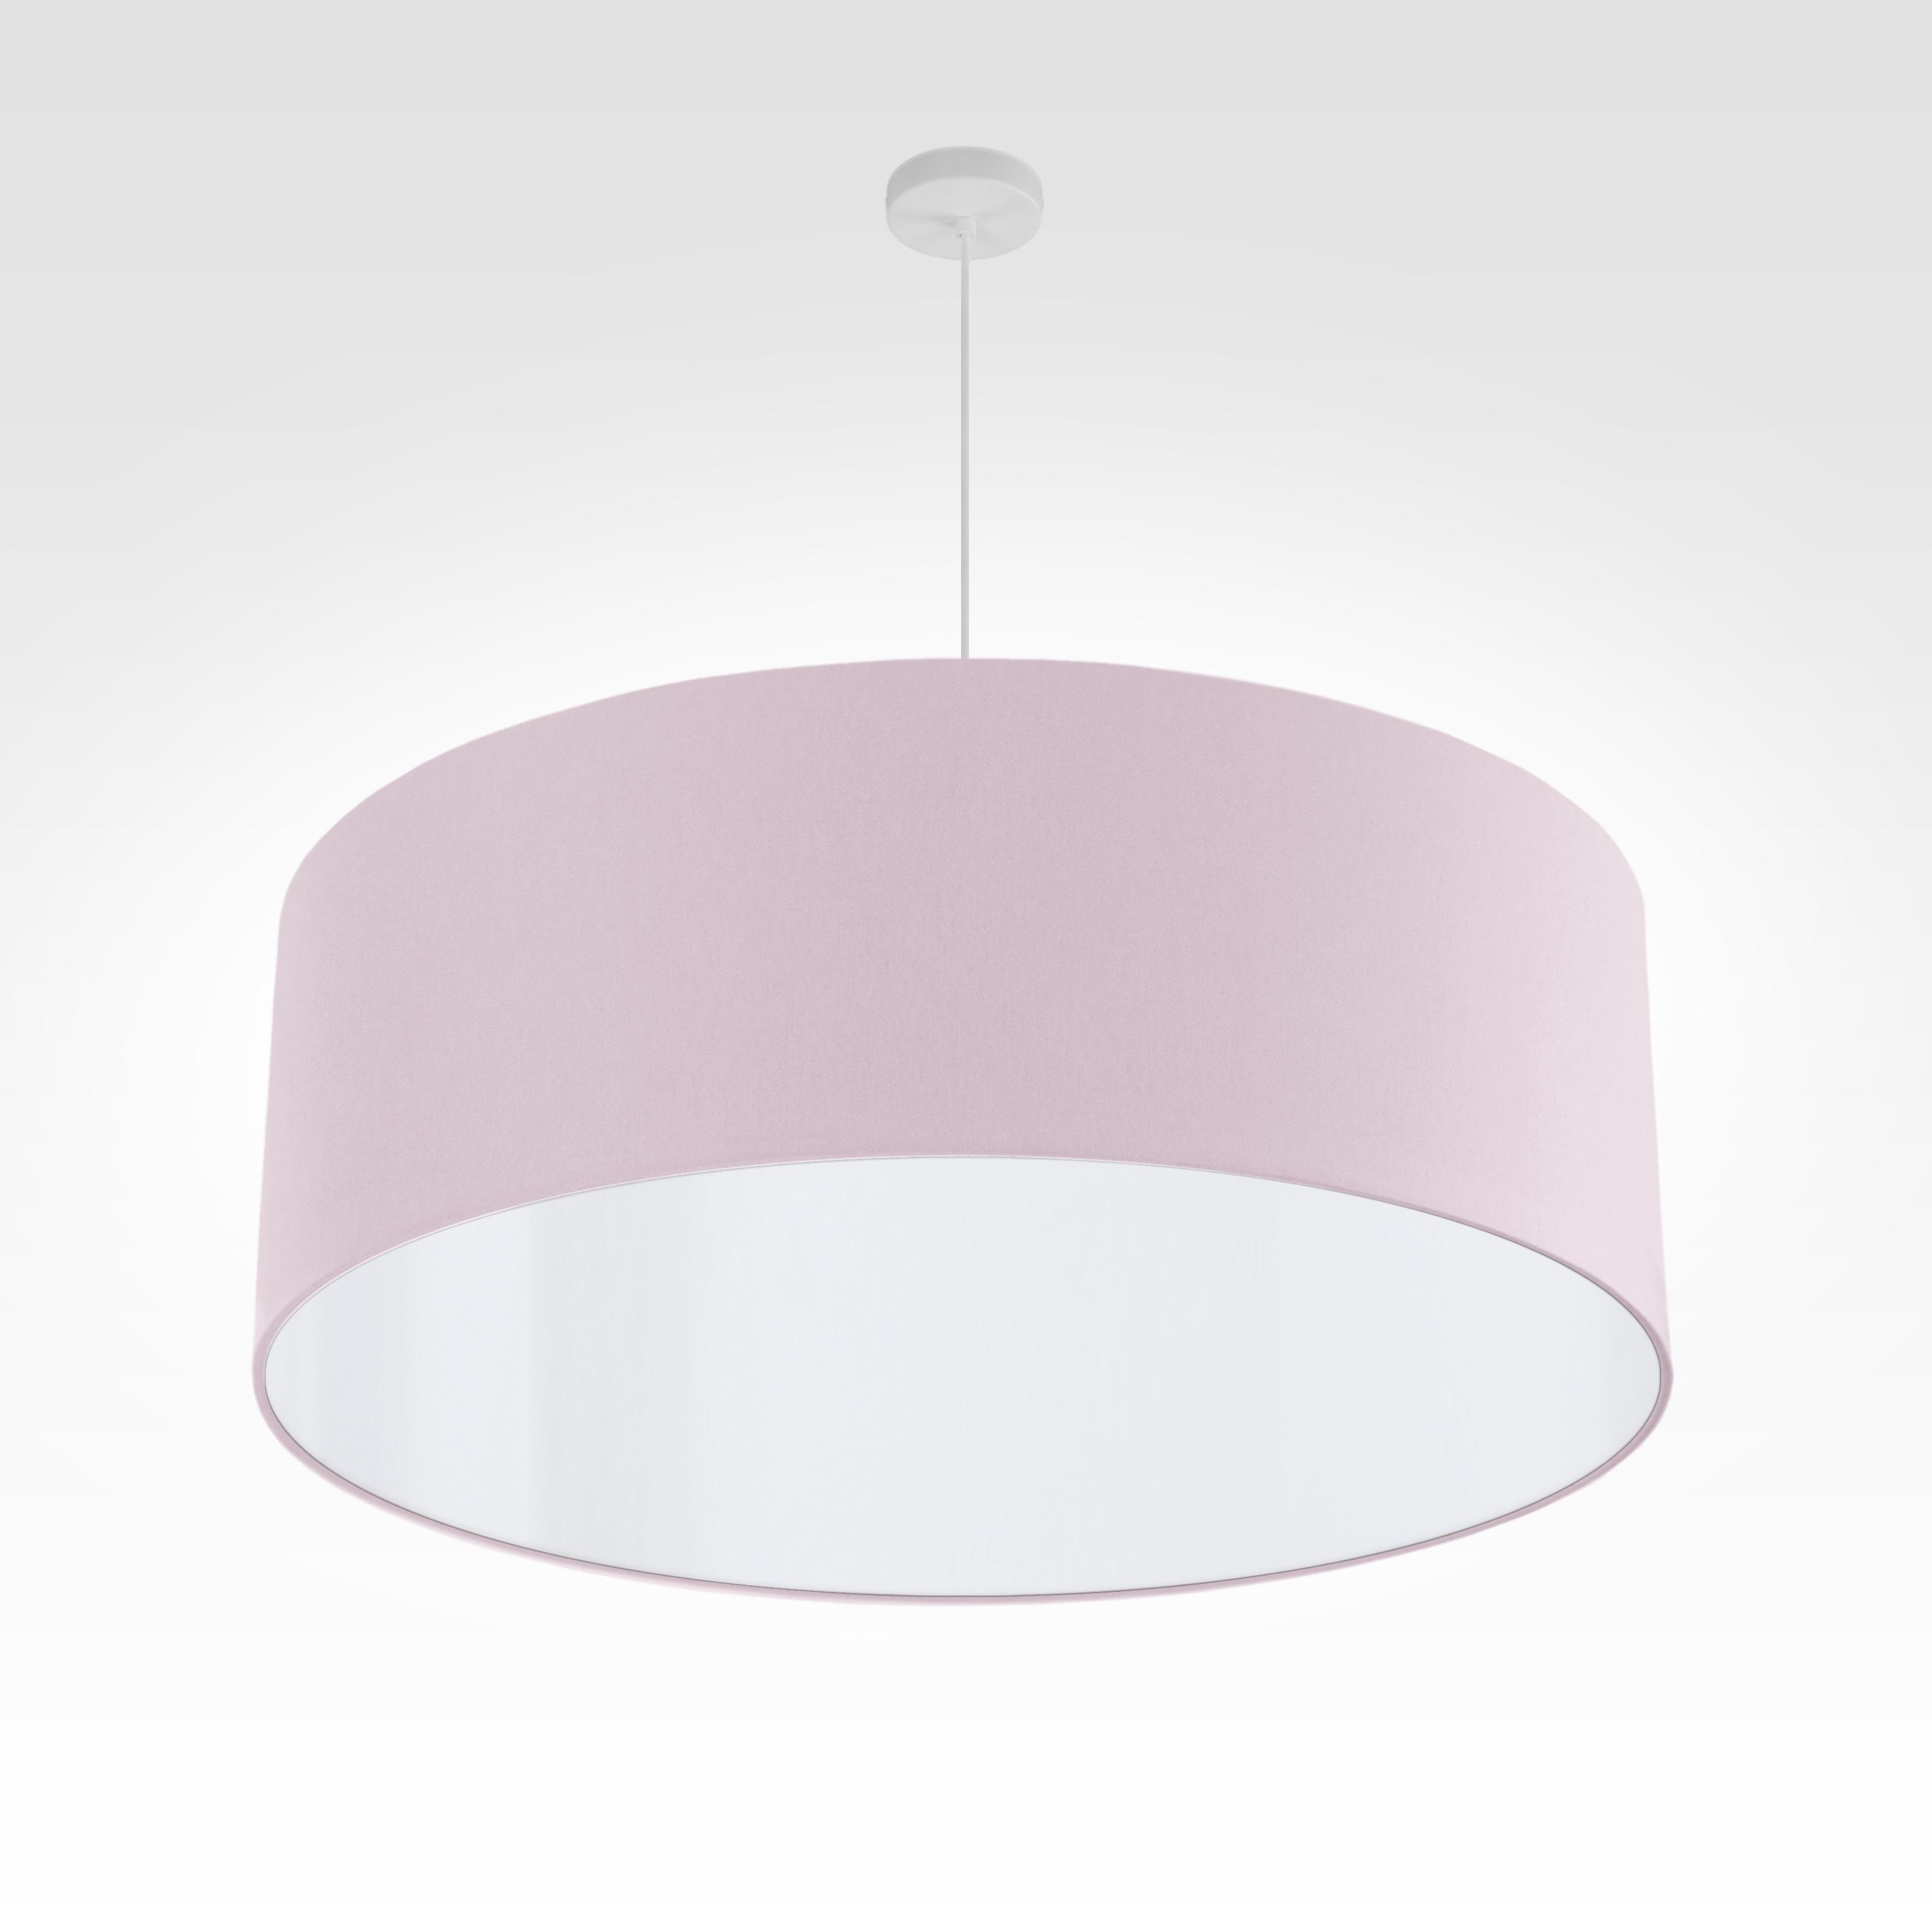 pendelleuchte lampenschirm stoff rosa. Black Bedroom Furniture Sets. Home Design Ideas